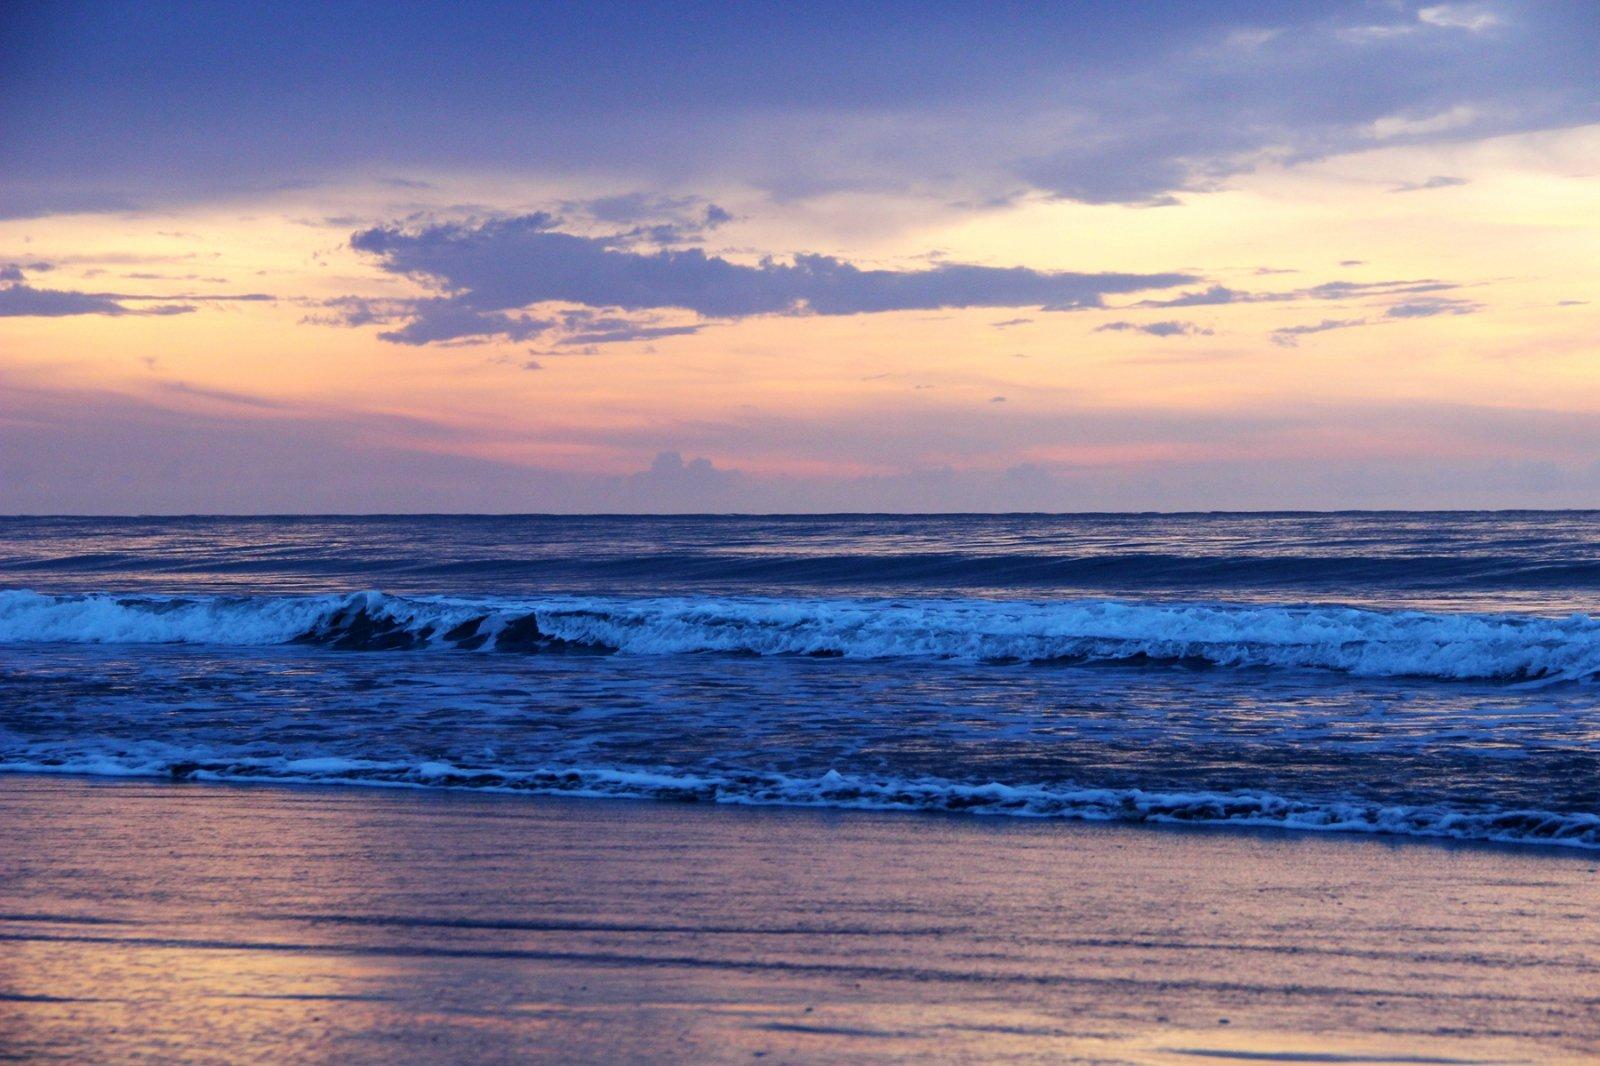 #浪不完的夏天#在最美的沙滩看日落